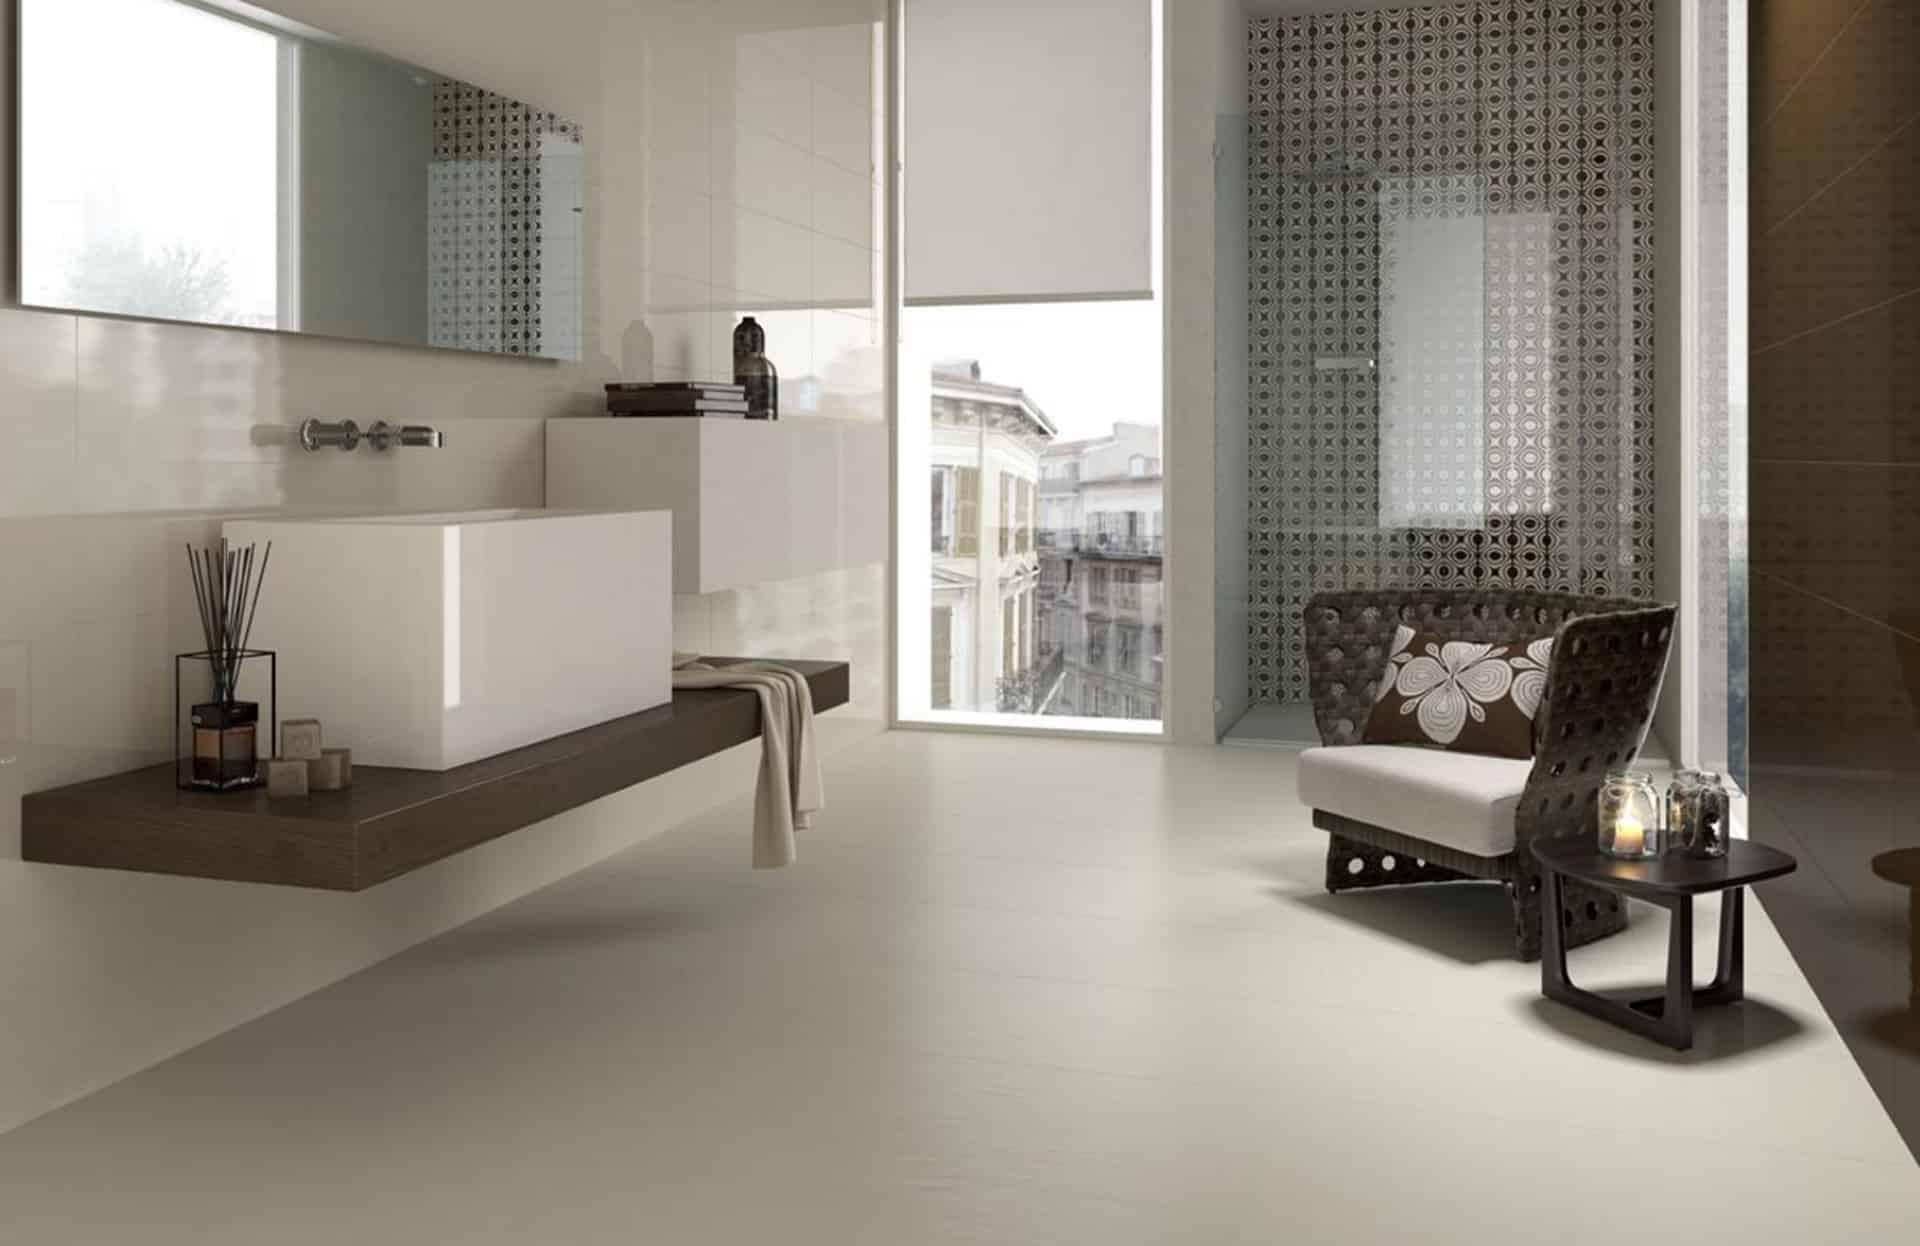 Rivestimenti Bagno Nero : Le piastrelle bagno design di la faenza